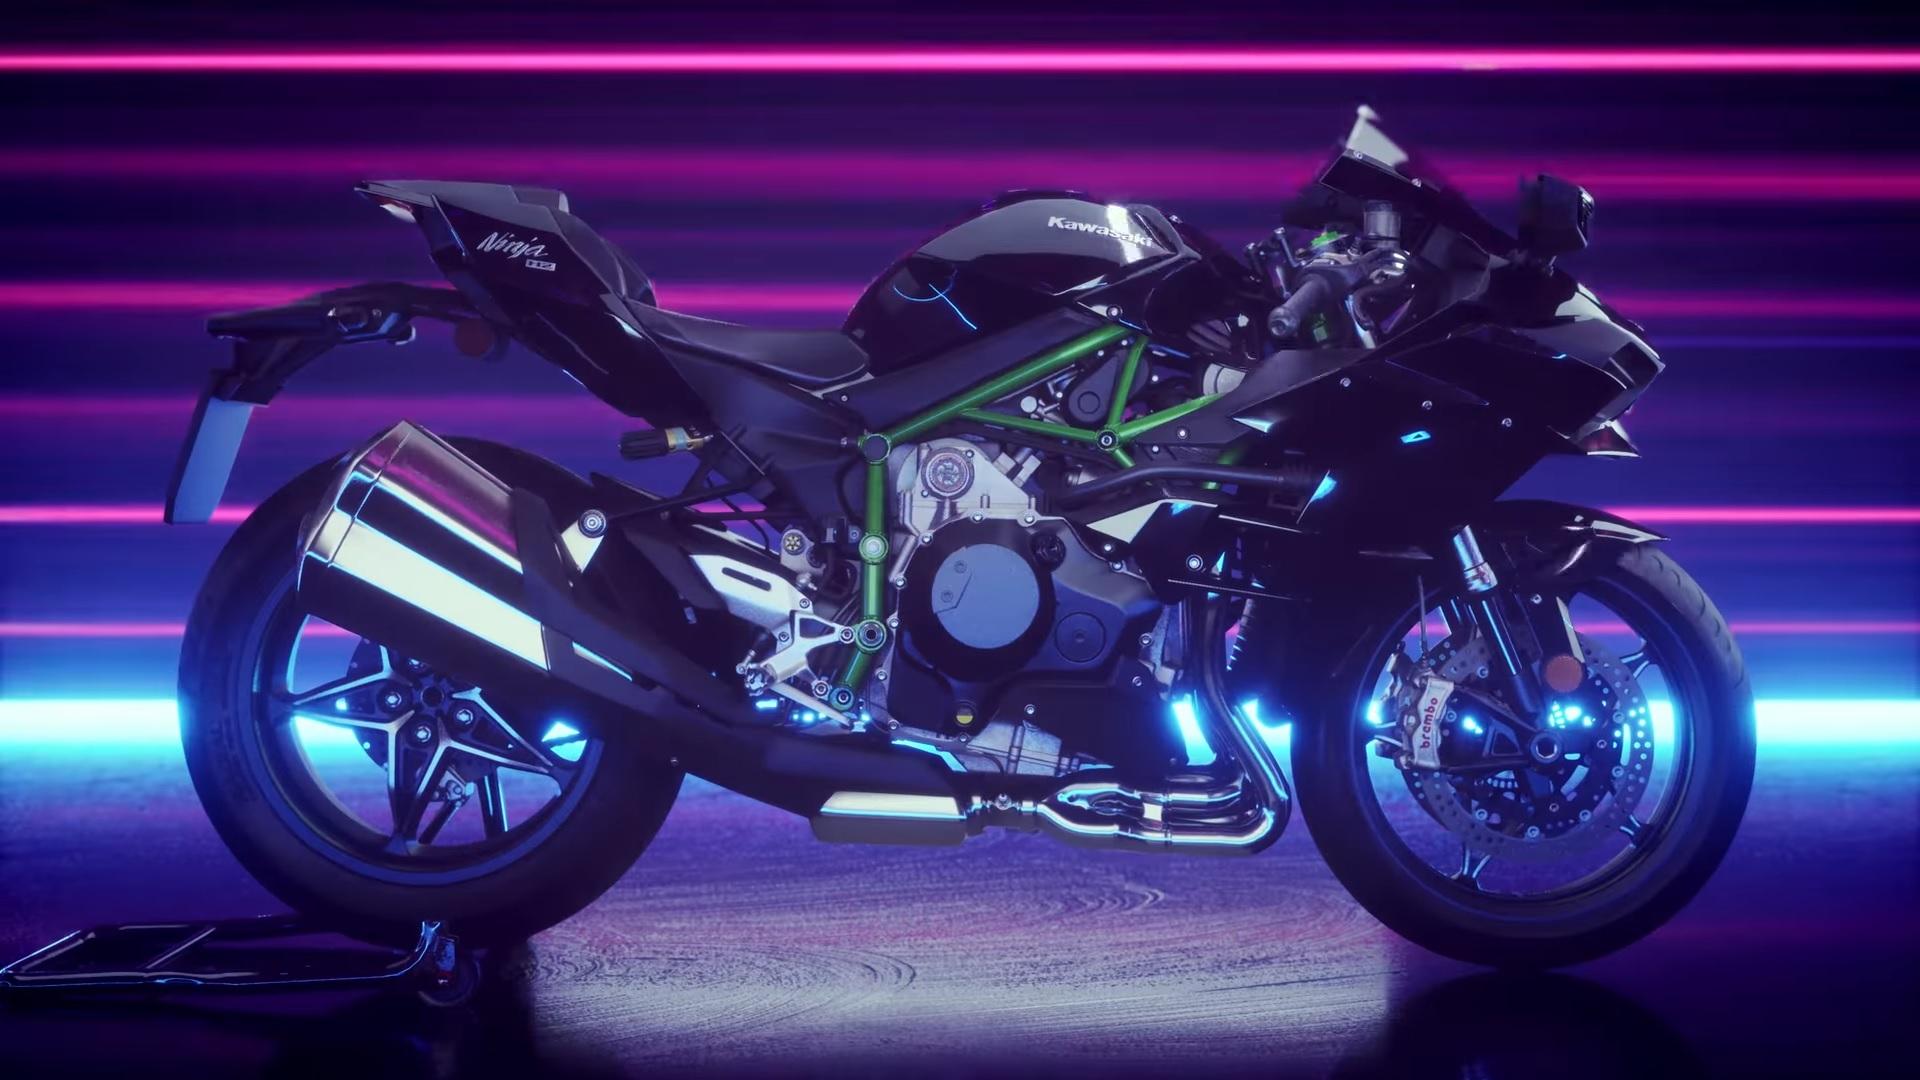 Ride 4 - Kawasaki